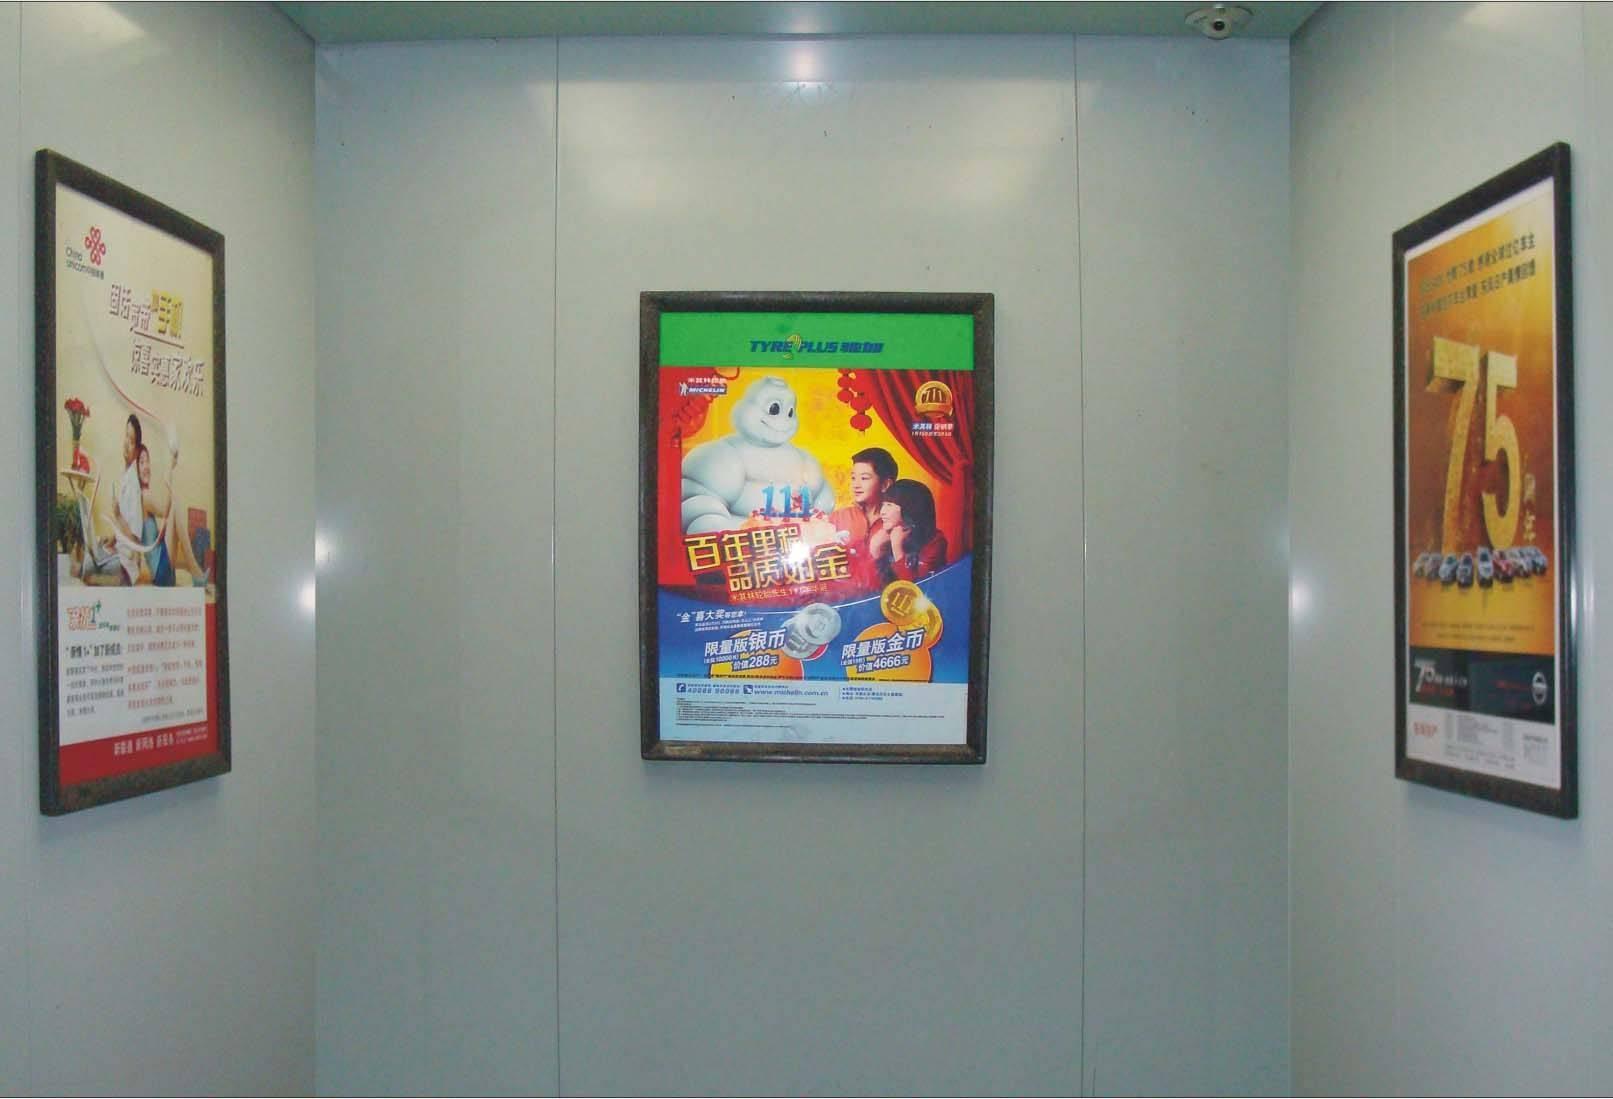 佛山市高明区丽日名都电梯轿厢广告框架